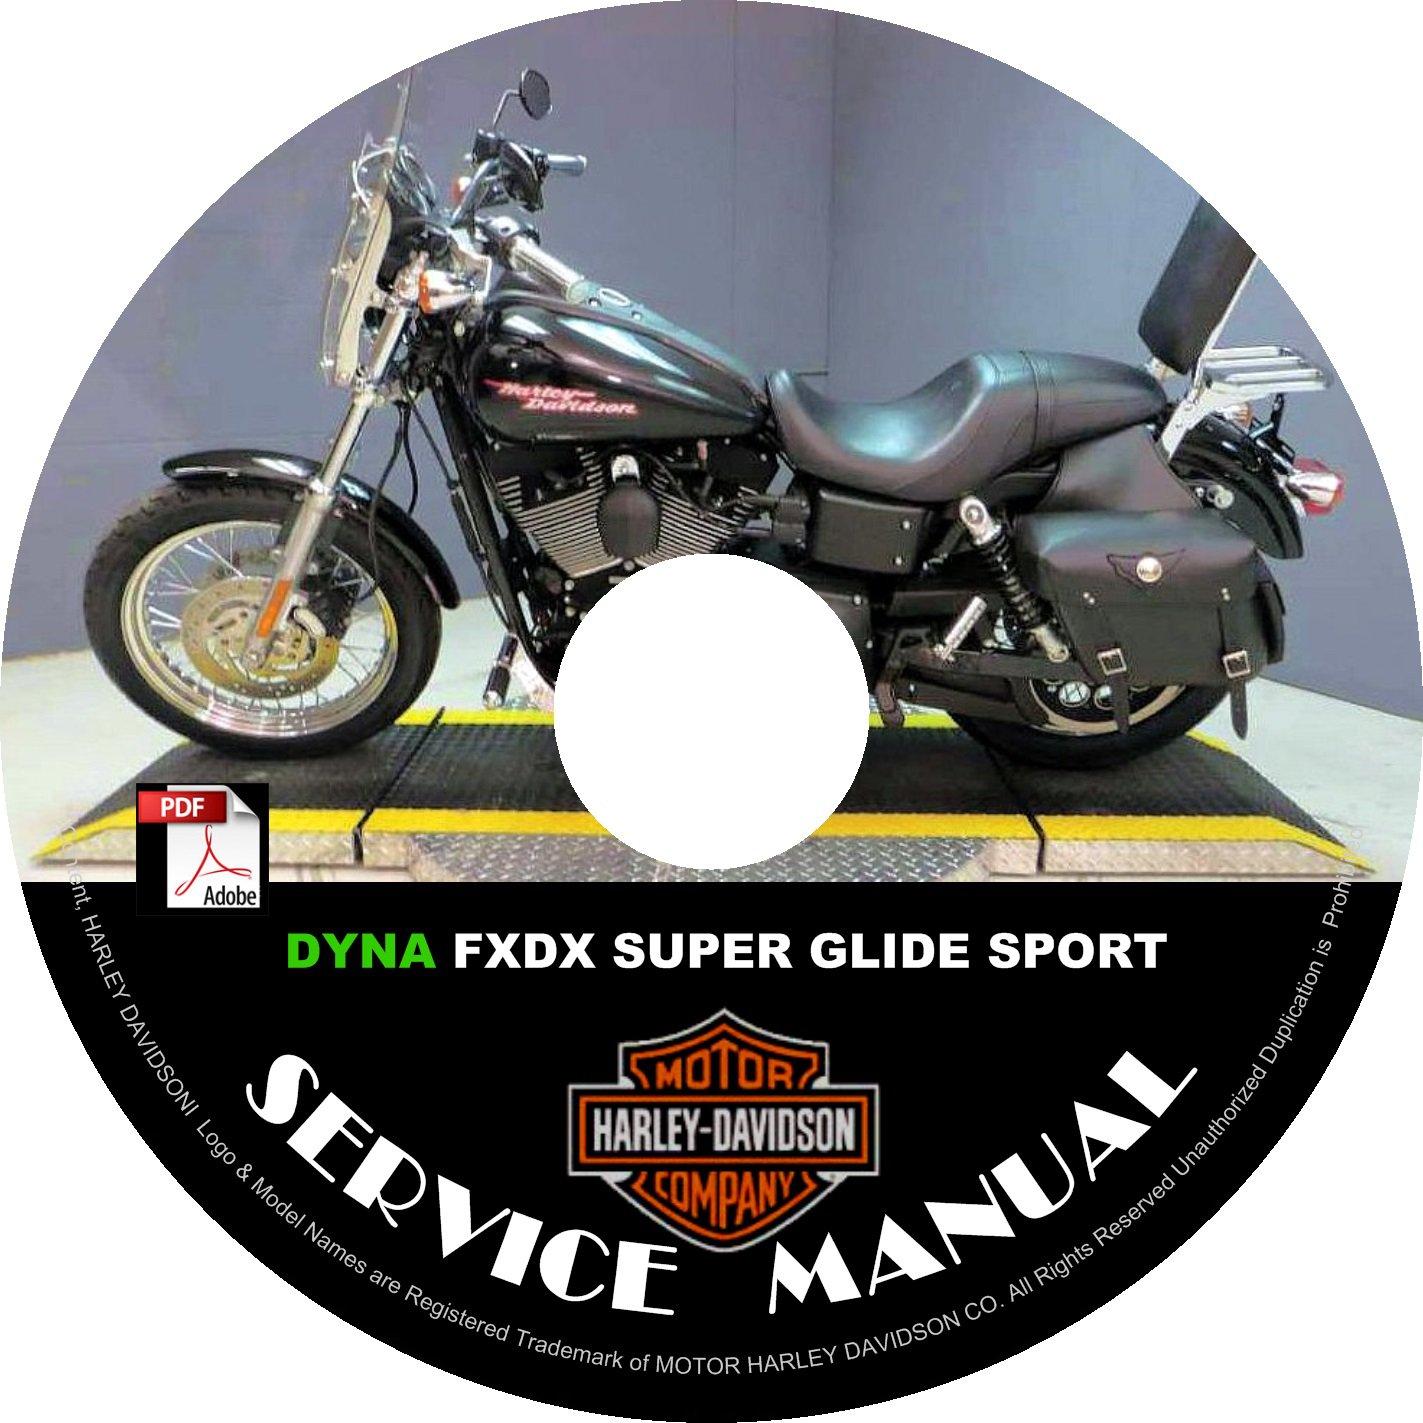 1999 Harley Davidson Dyna FXDX Super Glide Sport Service Repair Shop Manual on CD Fix Build Workshop